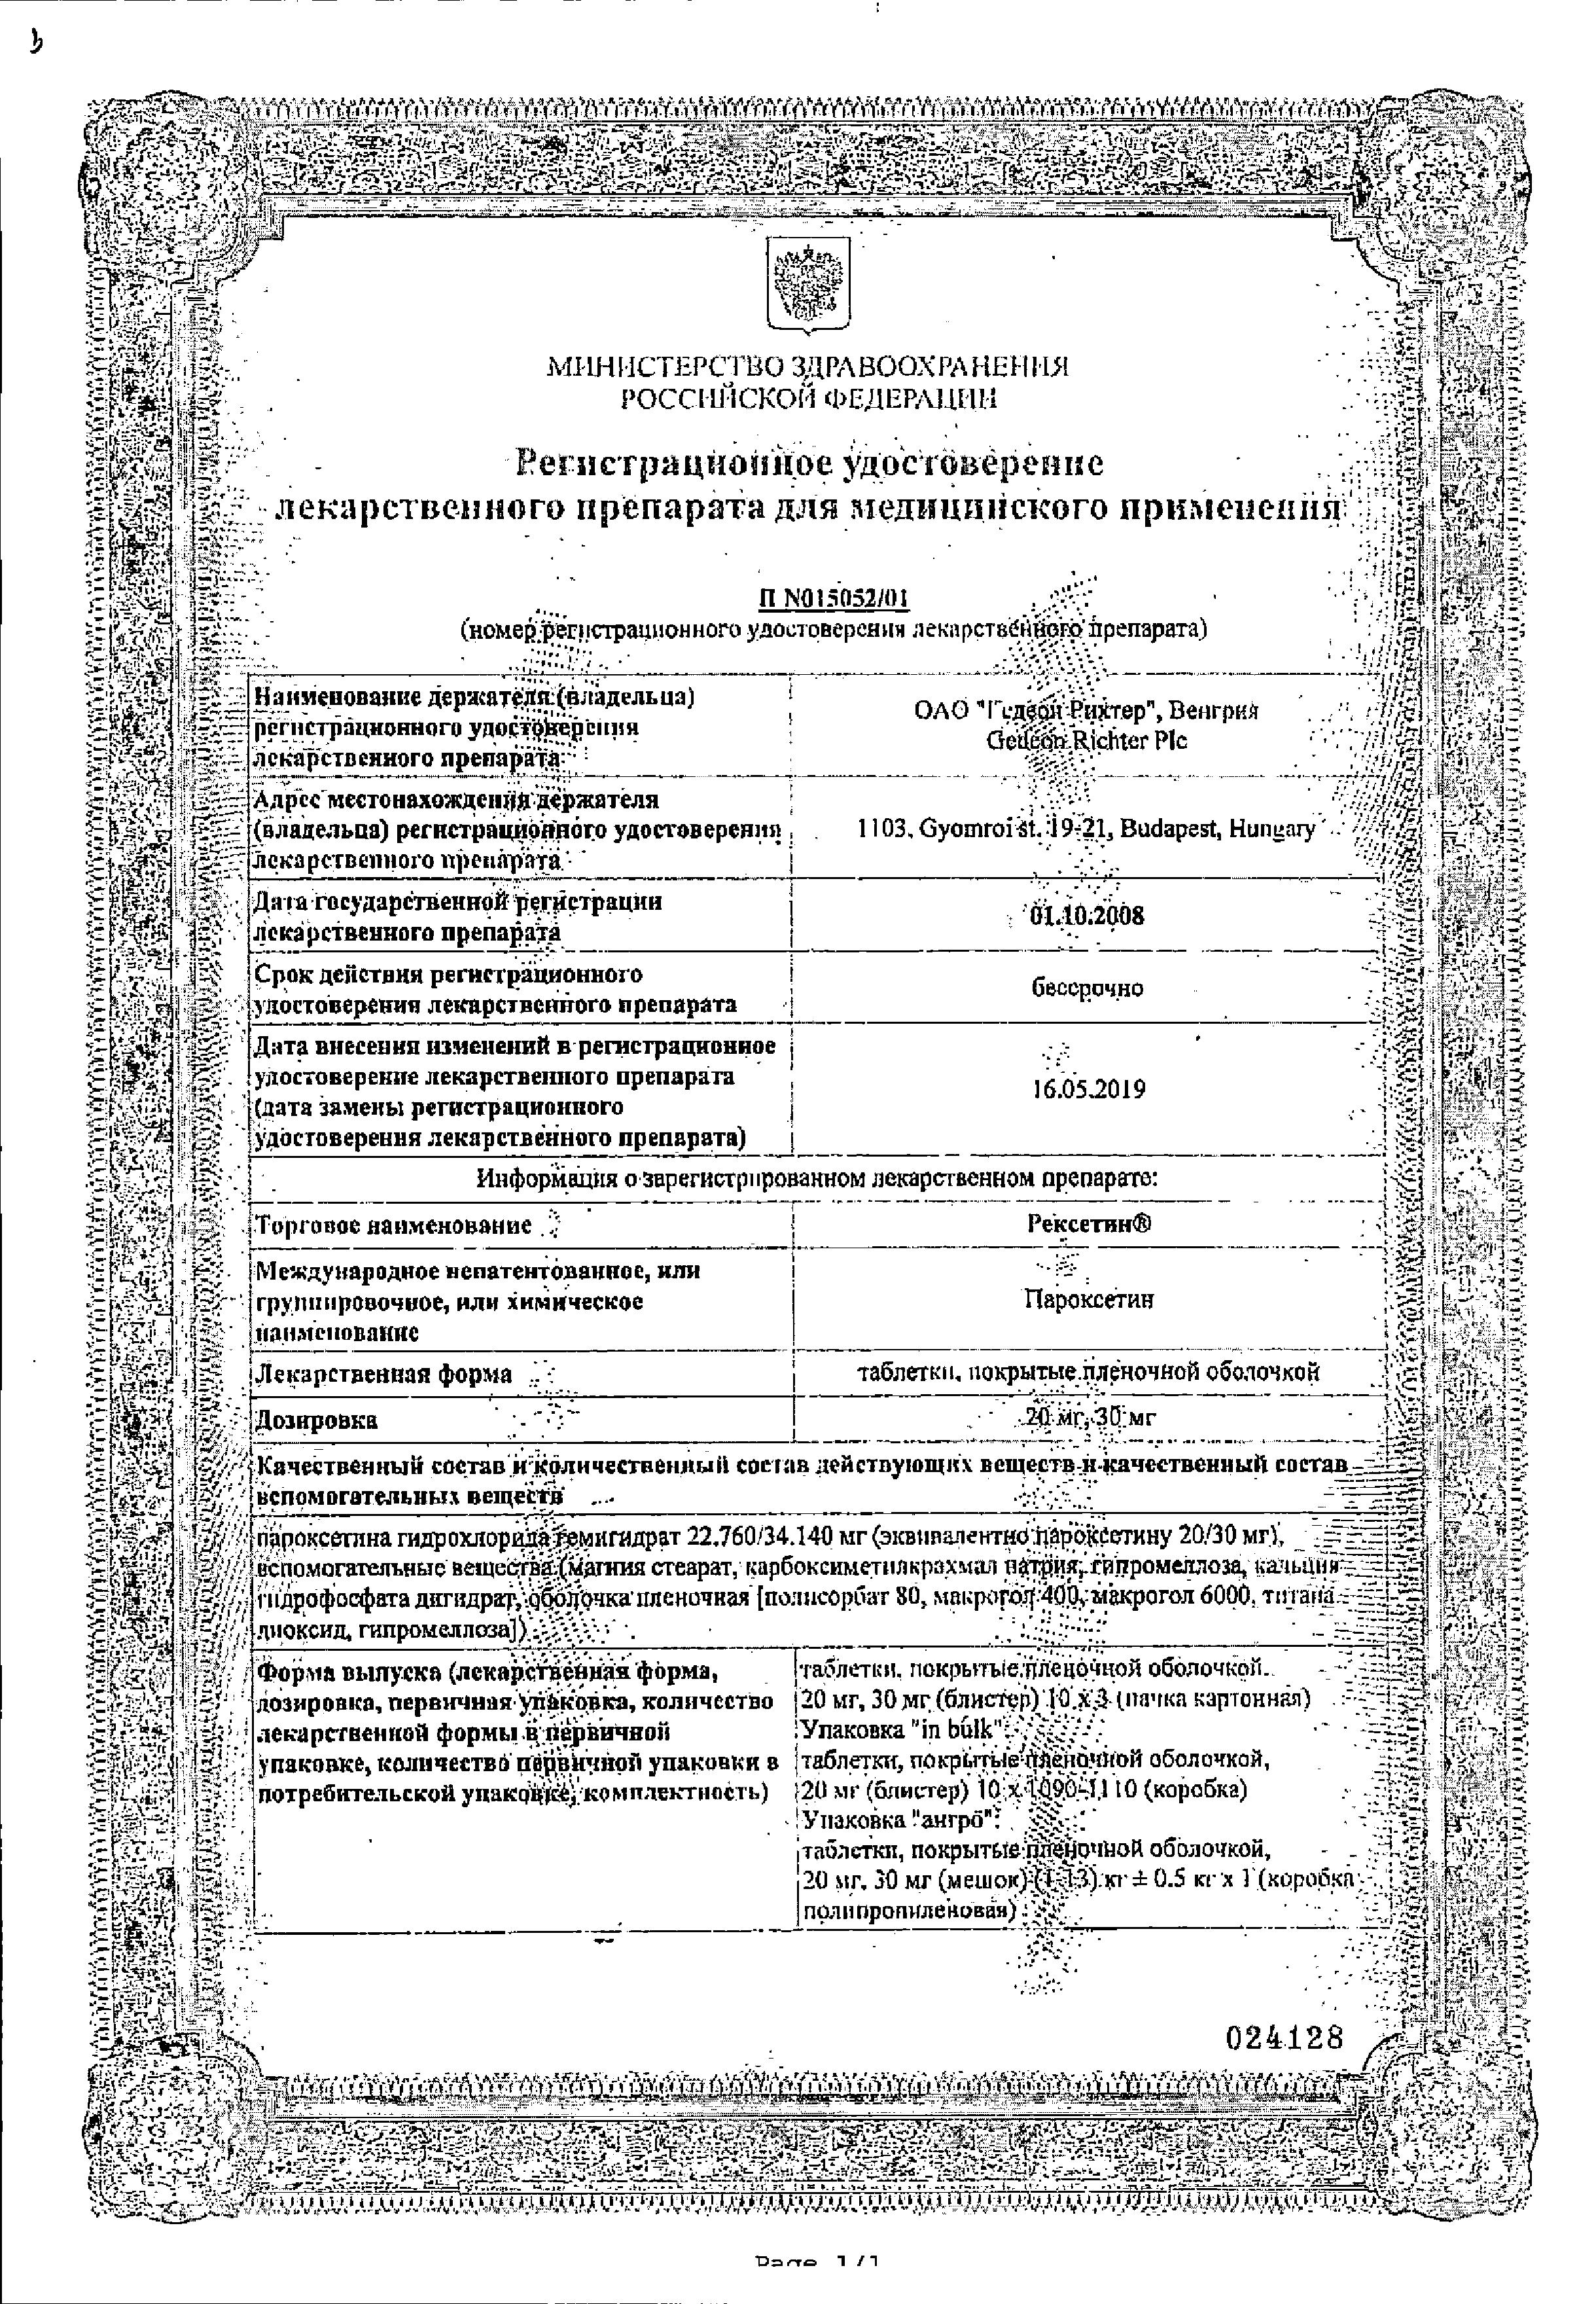 Рексетин сертификат